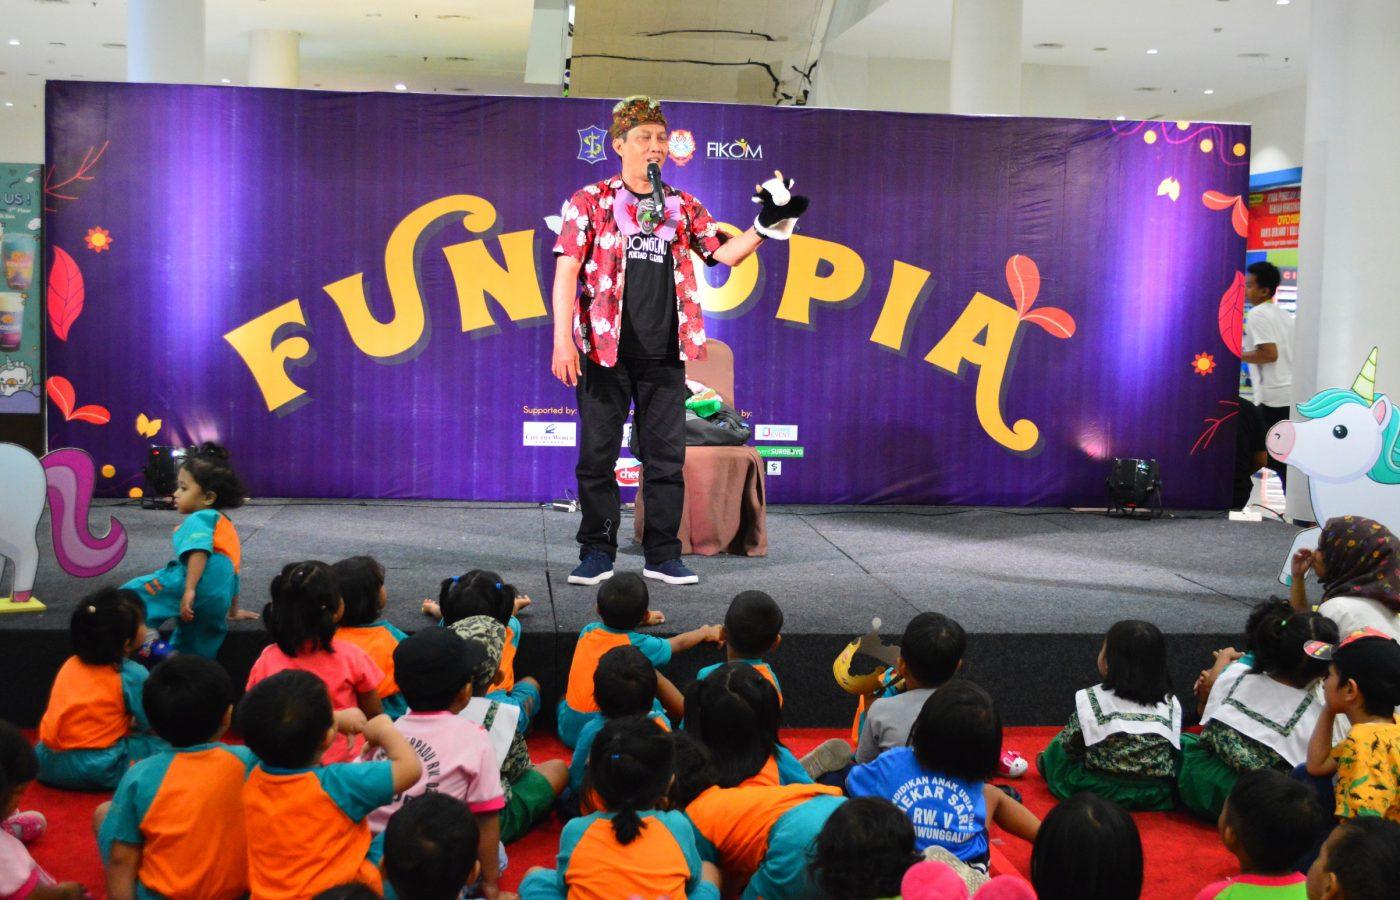 Kak Toby membawakan dongeng dengan boneka karakter pada peserta anak-anak